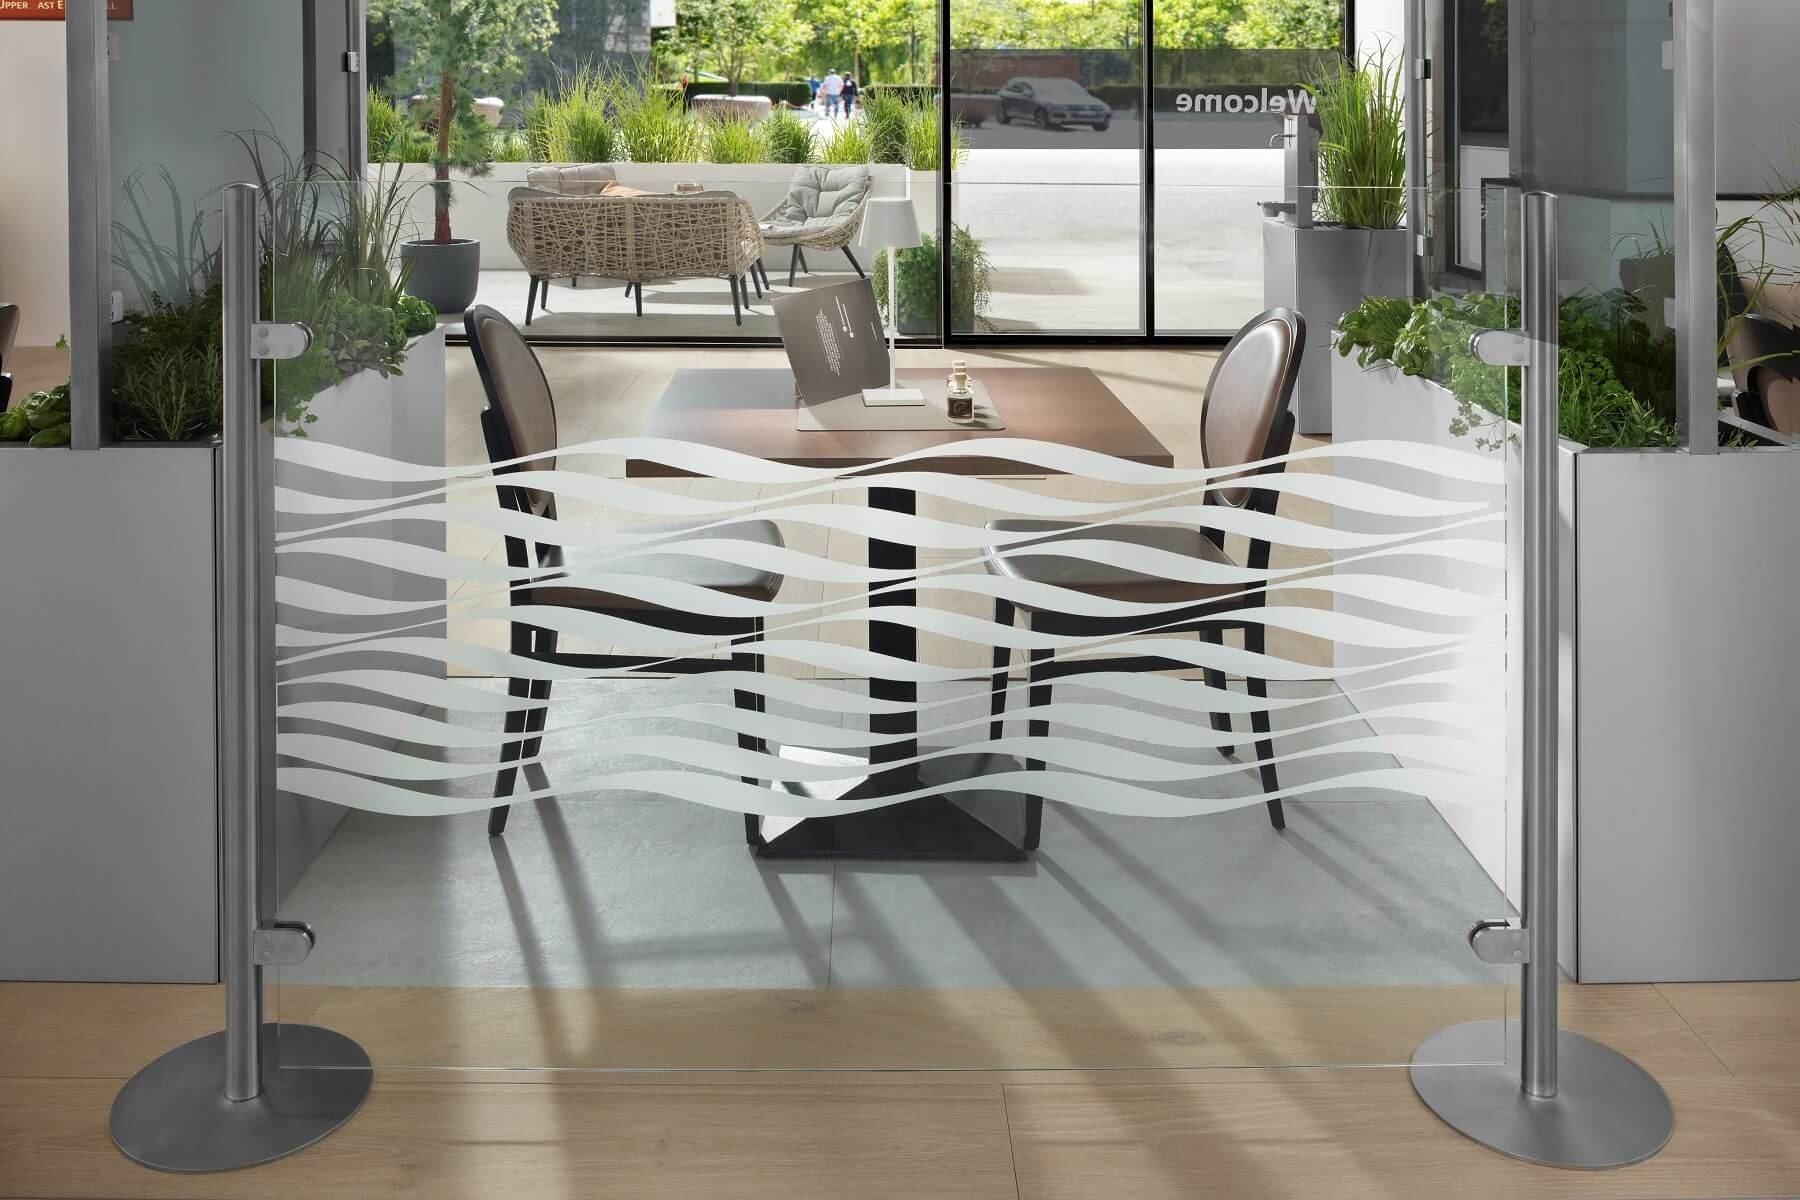 Stellwand aus Glas mit Tellerfüssen als Trennwand im Restaurant